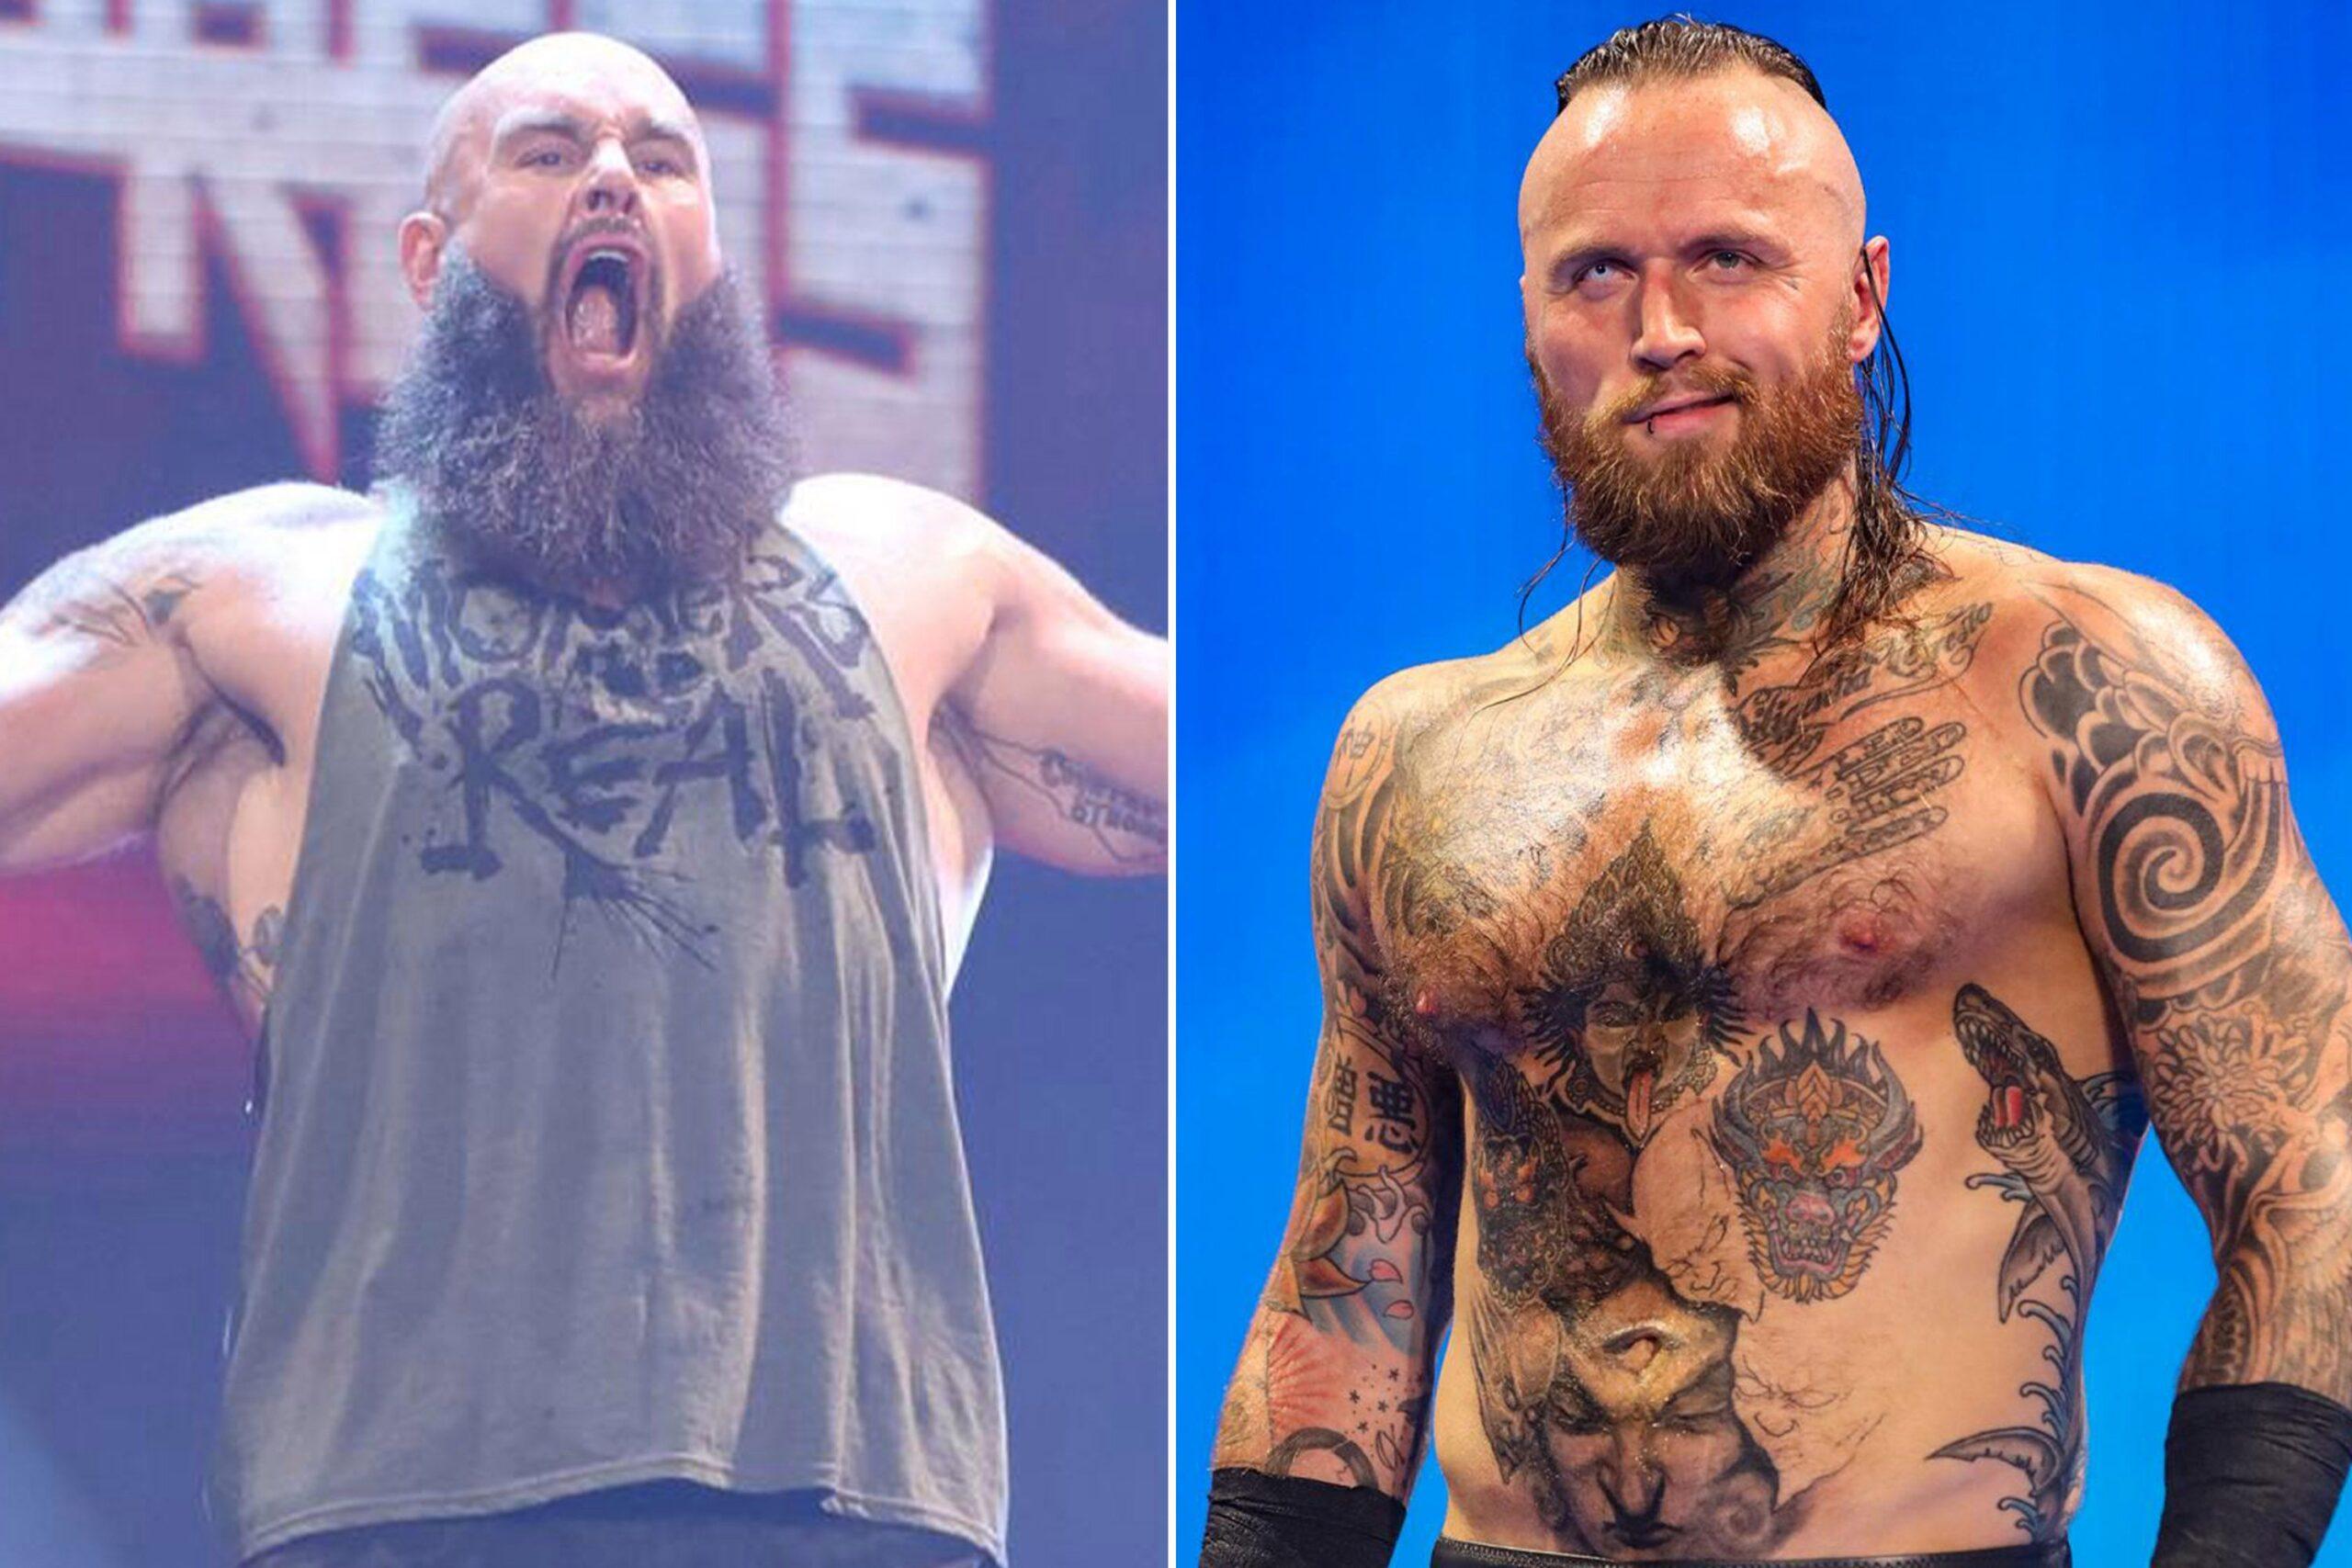 WWE ने ब्रॉन स्ट्रोमैन एलिस्टर ब्लैक और बडी मर्फी को किया रिलीज